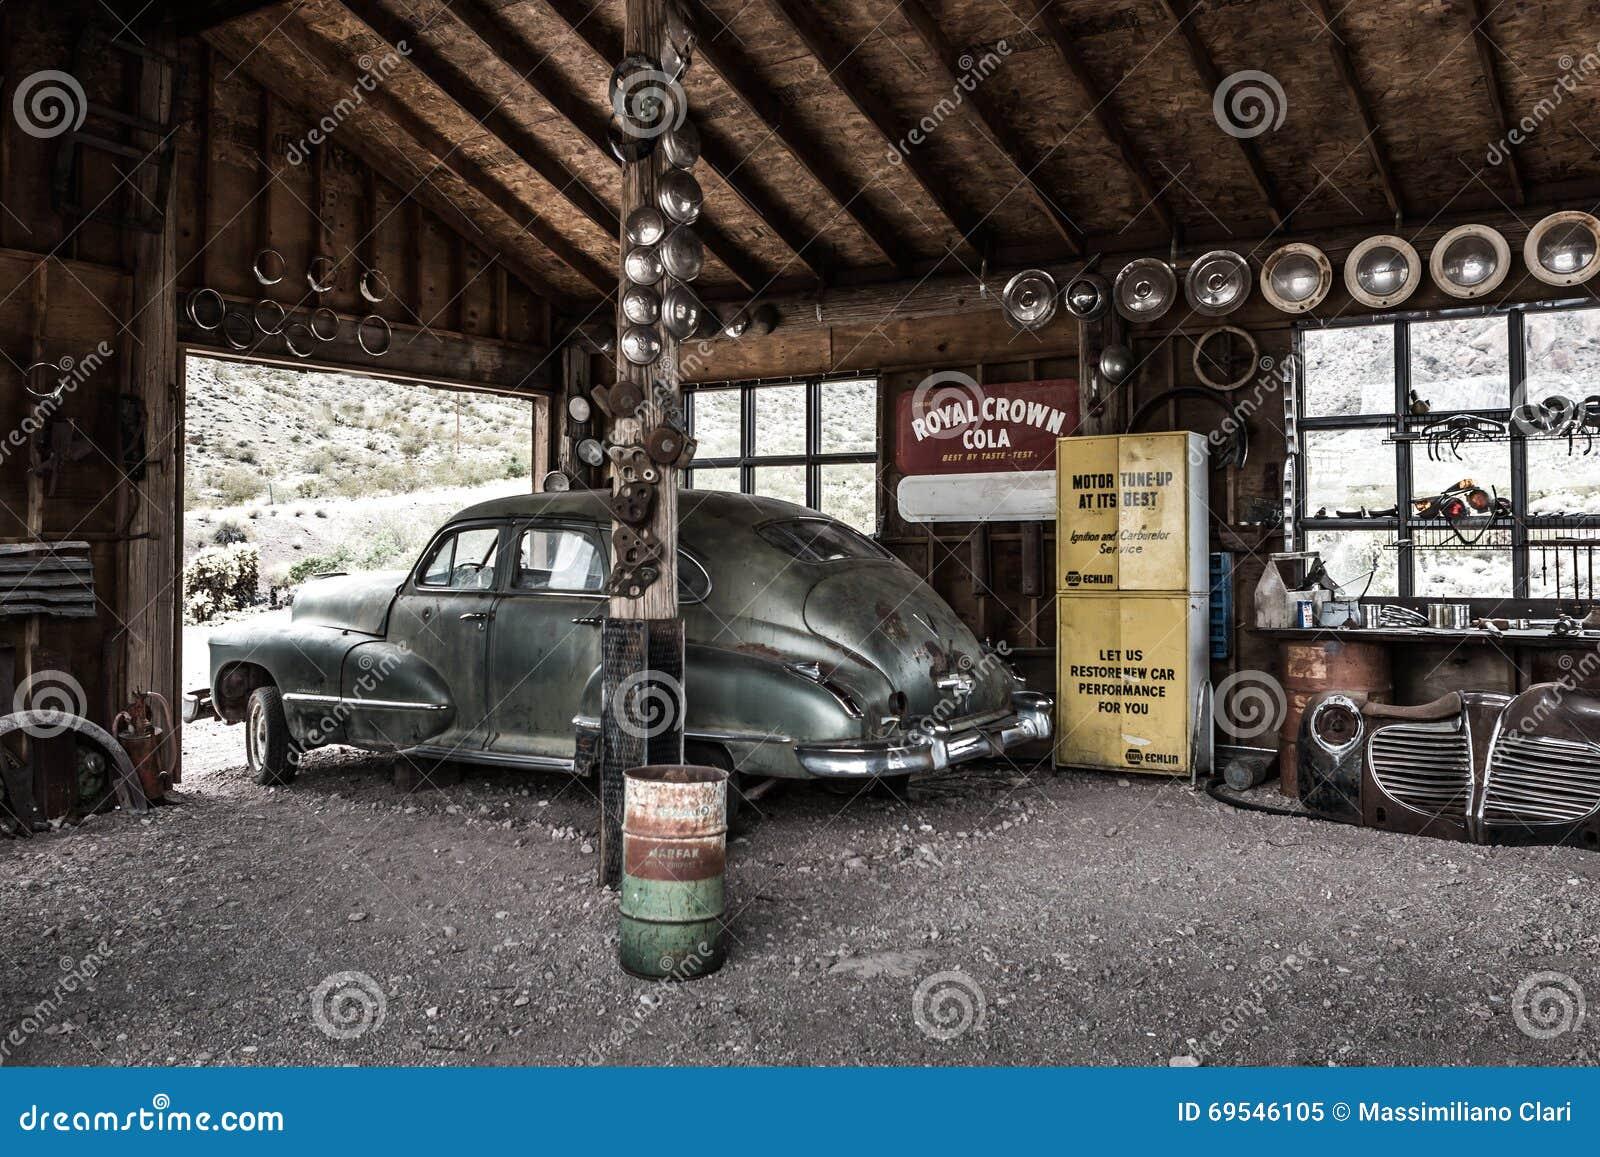 rusty old vintage car in abandoned mechanic garage editorial image image of damaged bodie. Black Bedroom Furniture Sets. Home Design Ideas